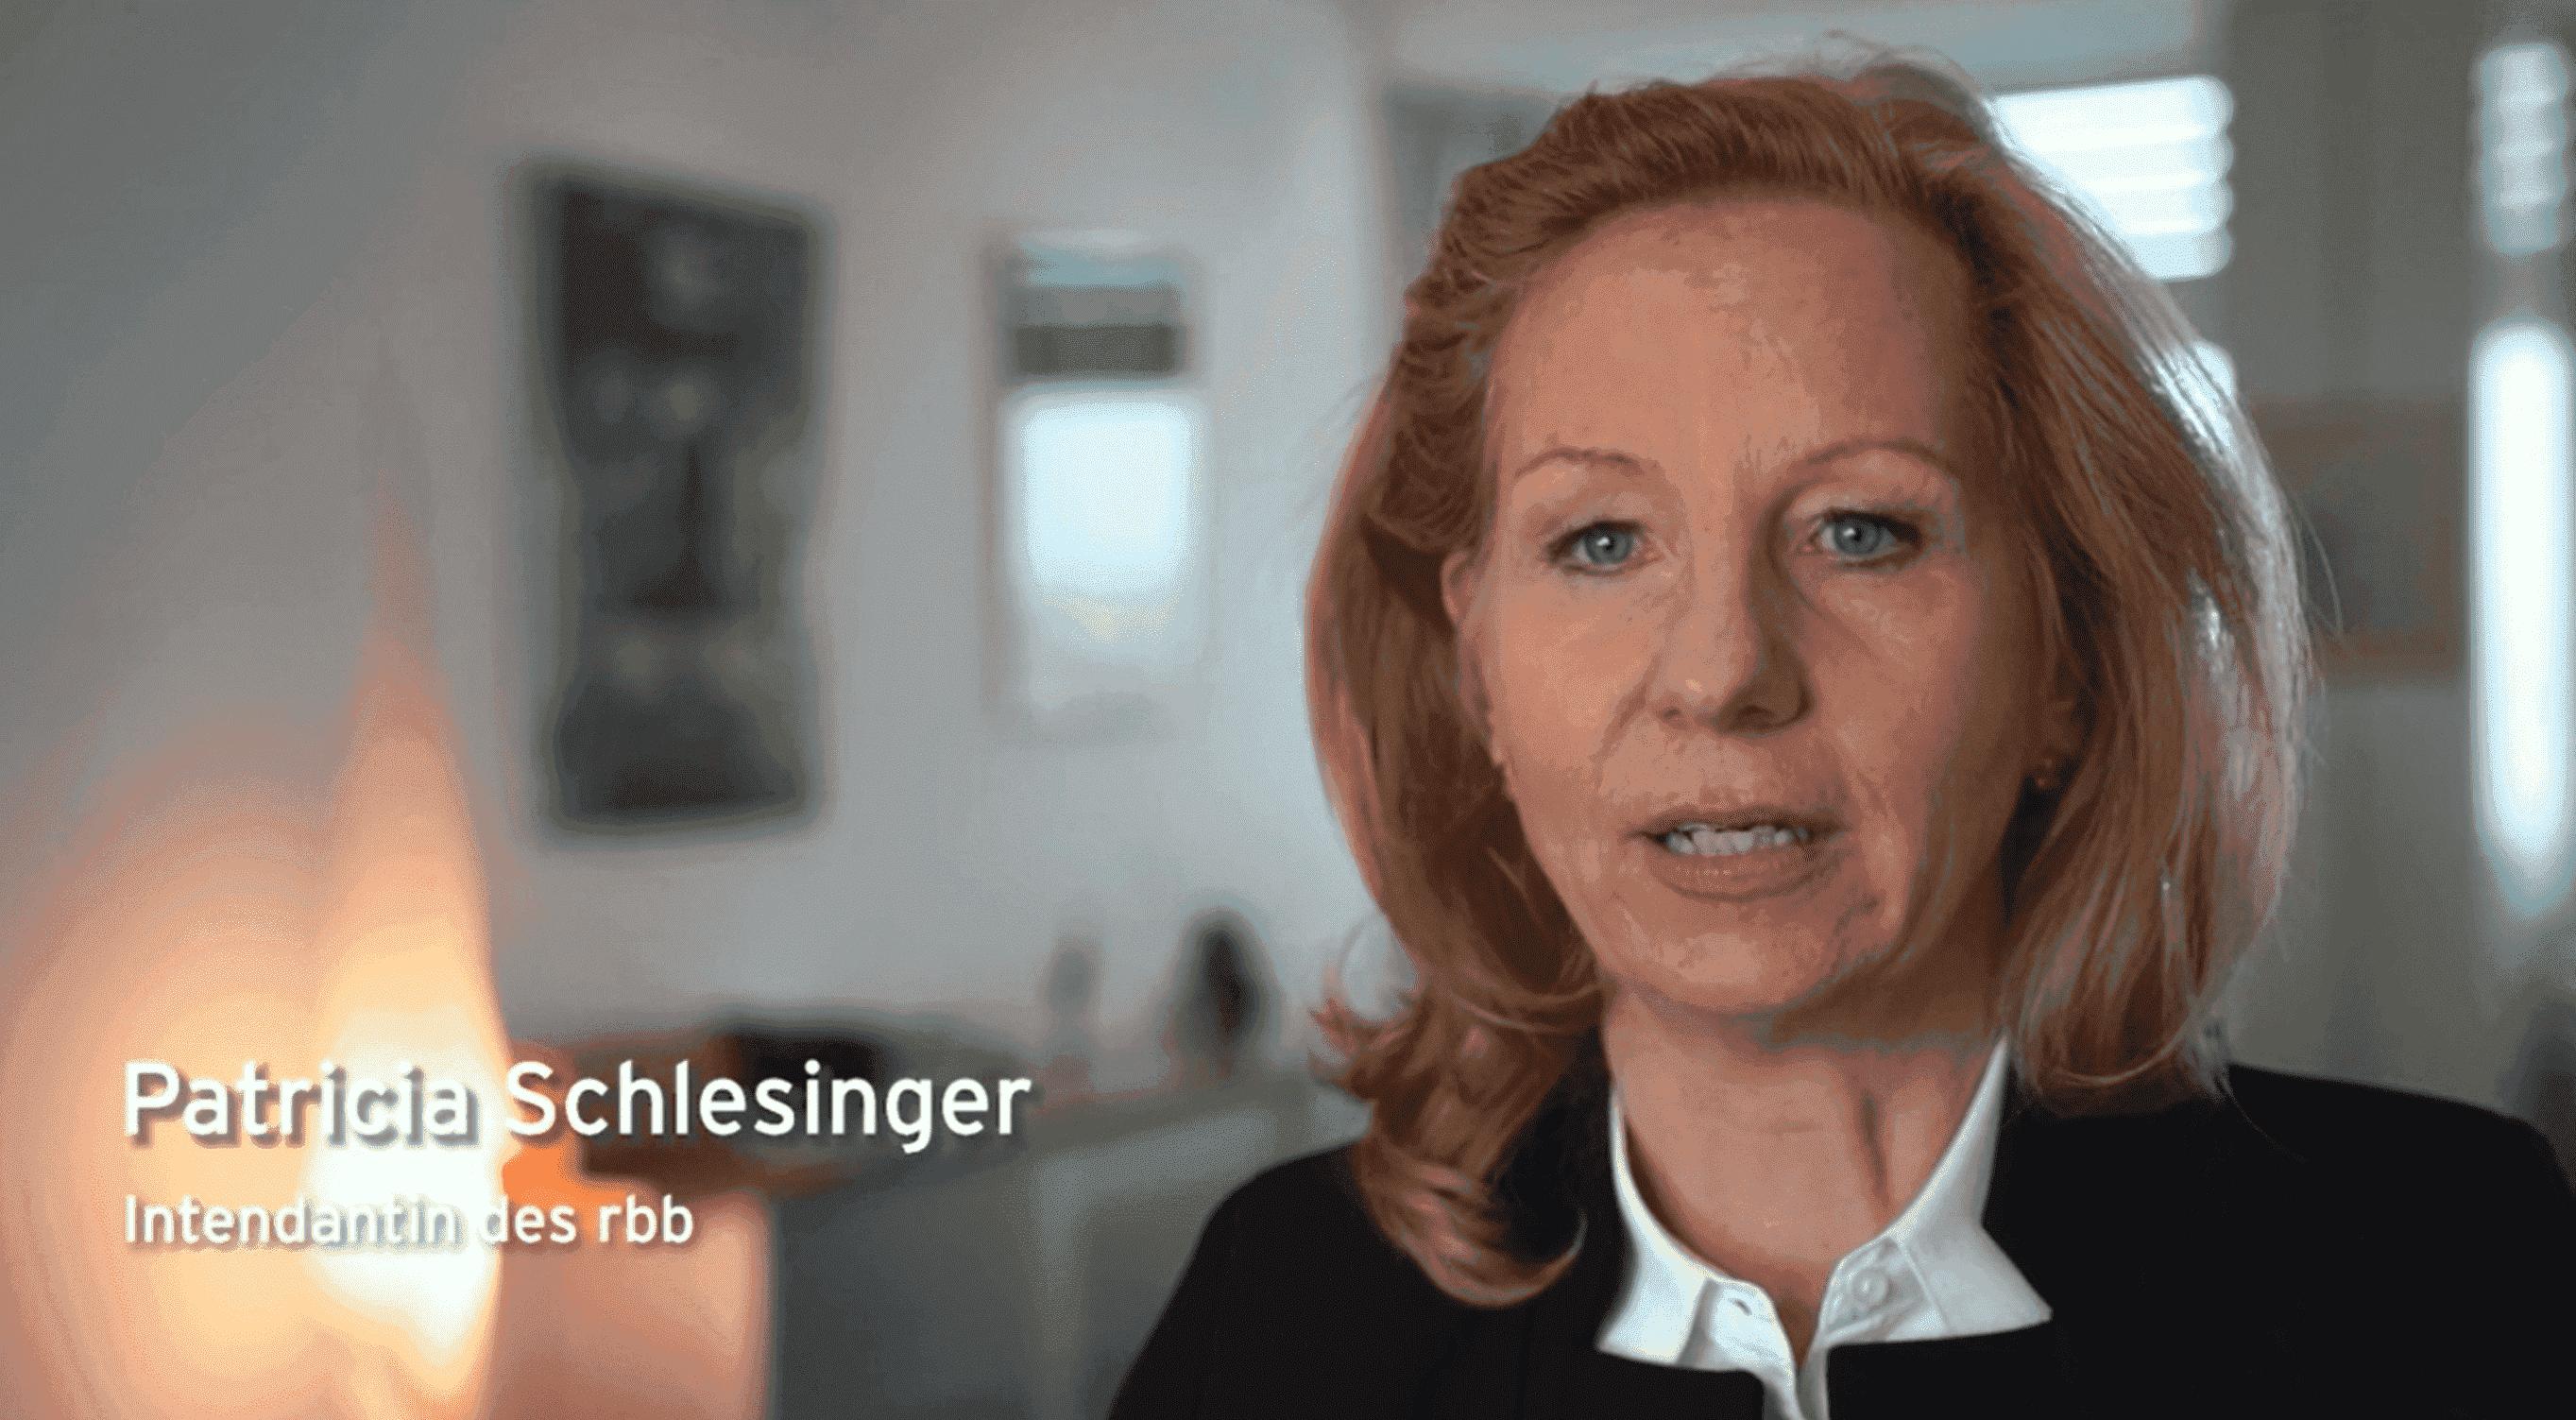 Filmstill_Particia_Schlesinger_Kommentar_eines_Beitrags_NDR